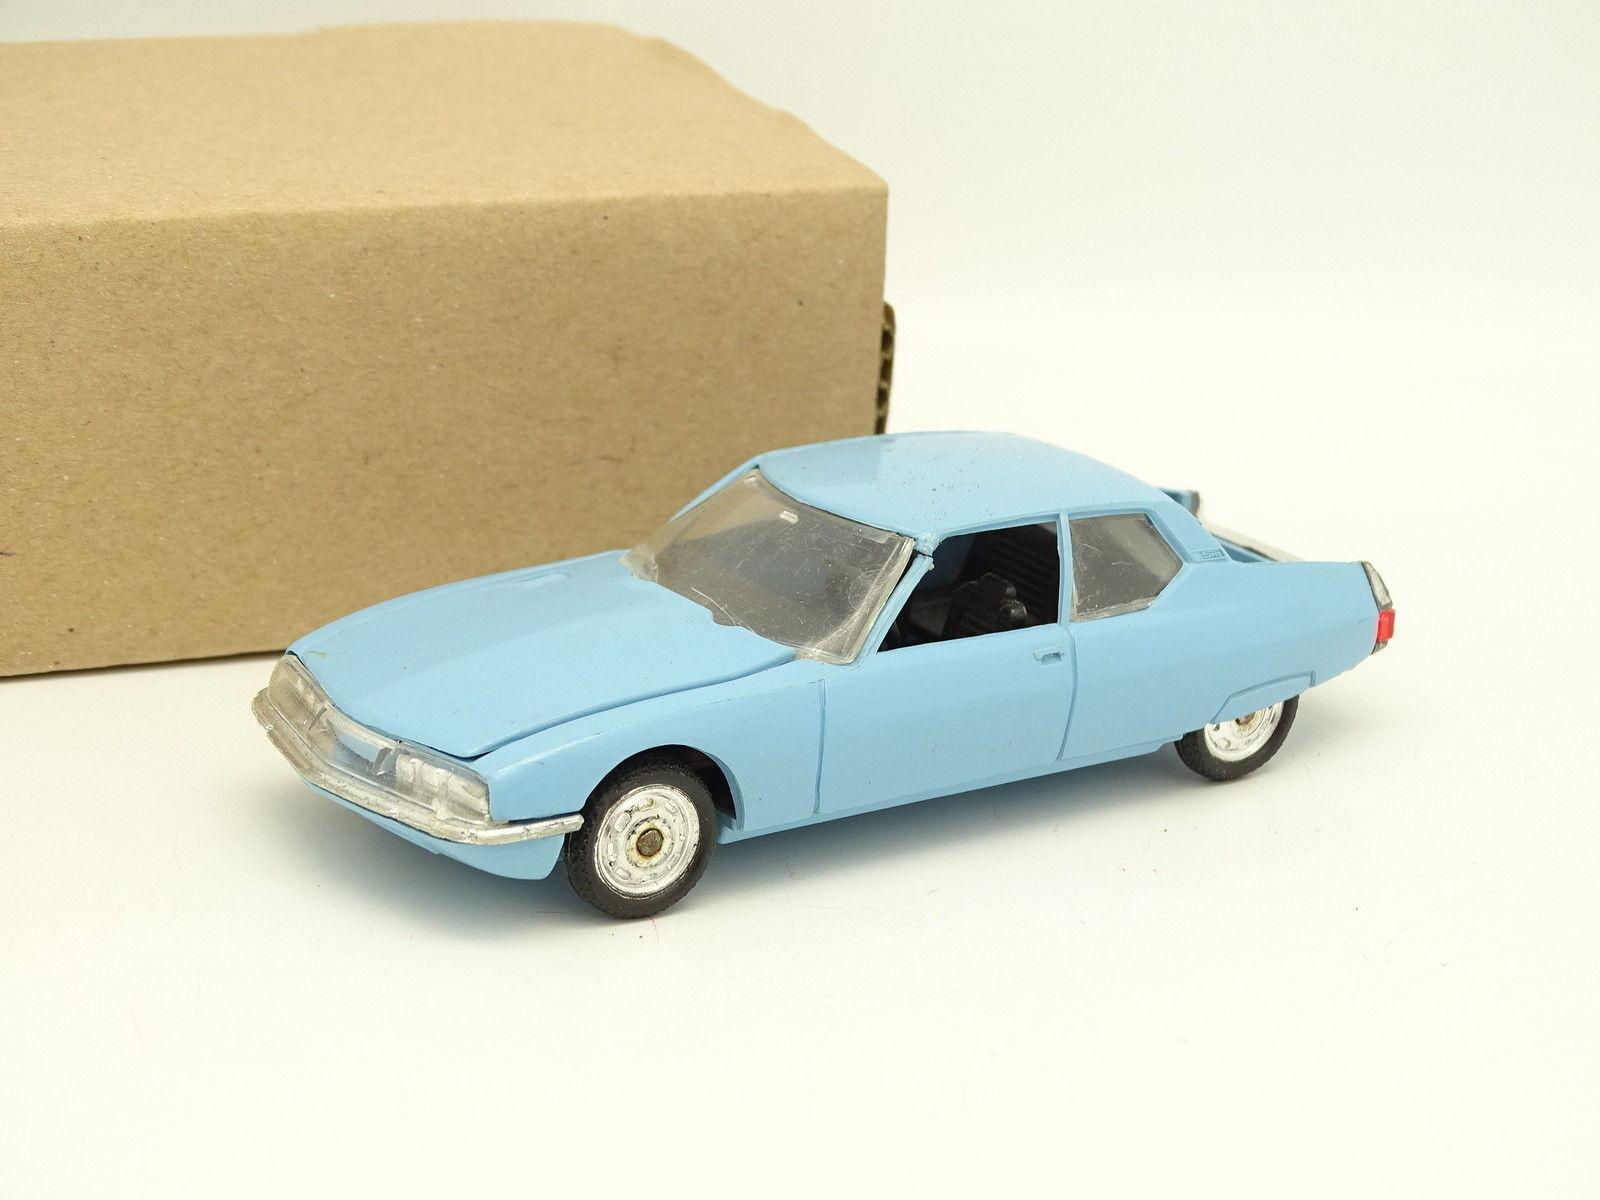 Minialuxe 1 43 - - - Citroen SM bluee bbeb0e